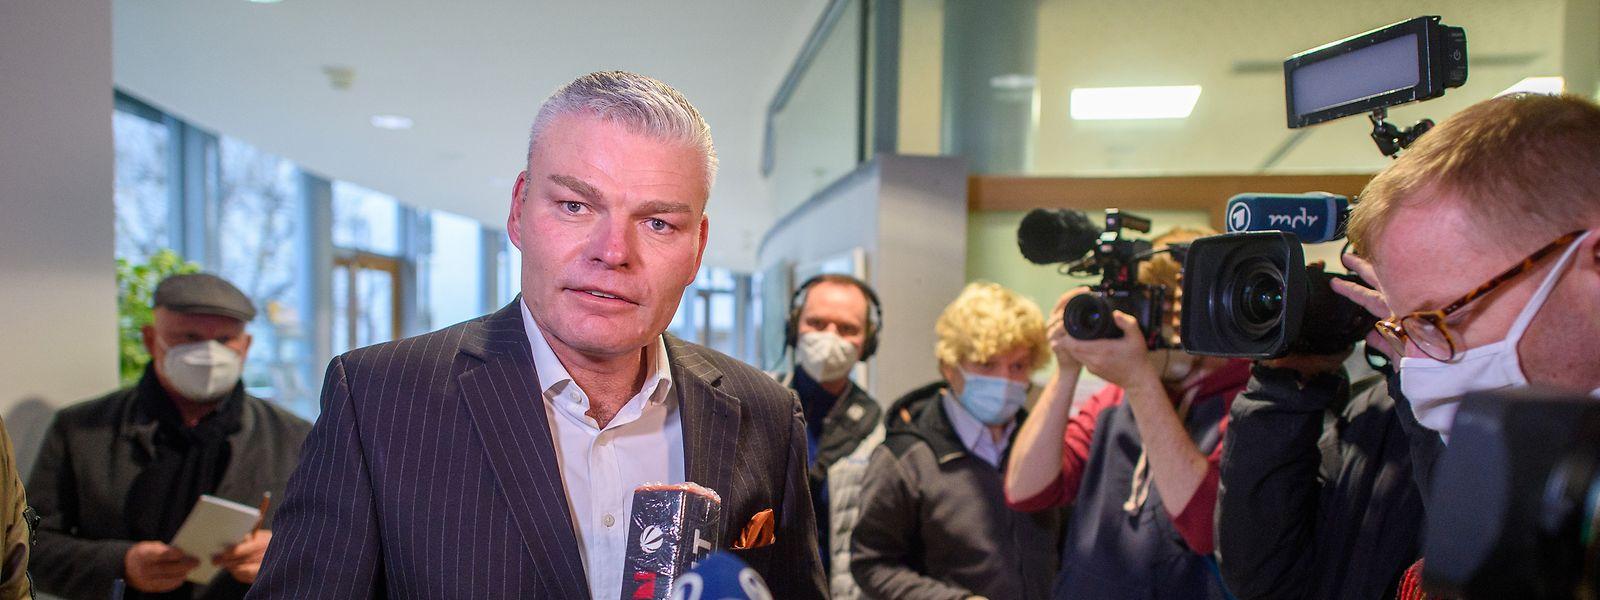 Holger Stahlknecht verlässt nach der CDU-Fraktionssitzung den Saal und gibt wartenden Medienvertretern ein Statement.